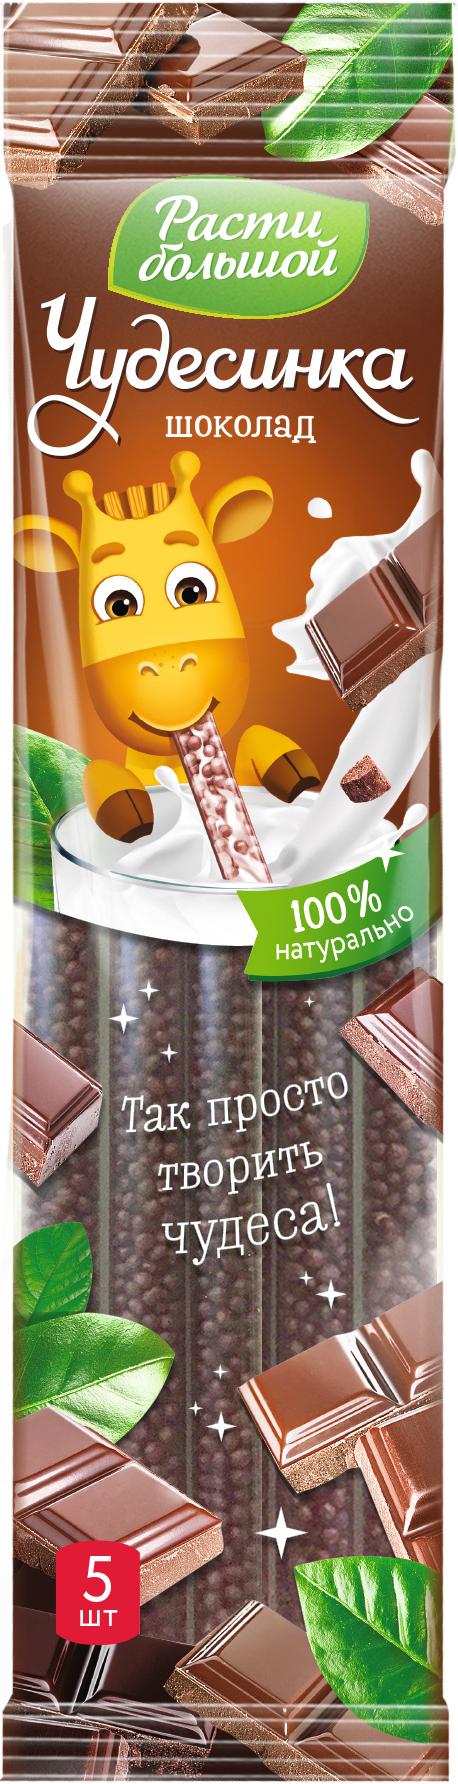 Десерты РАСТИ БОЛЬШОЙ Расти большой «Чудесинка» со вкусом шоколада с 3 лет 30 г чудесинка со вкусом шоколада